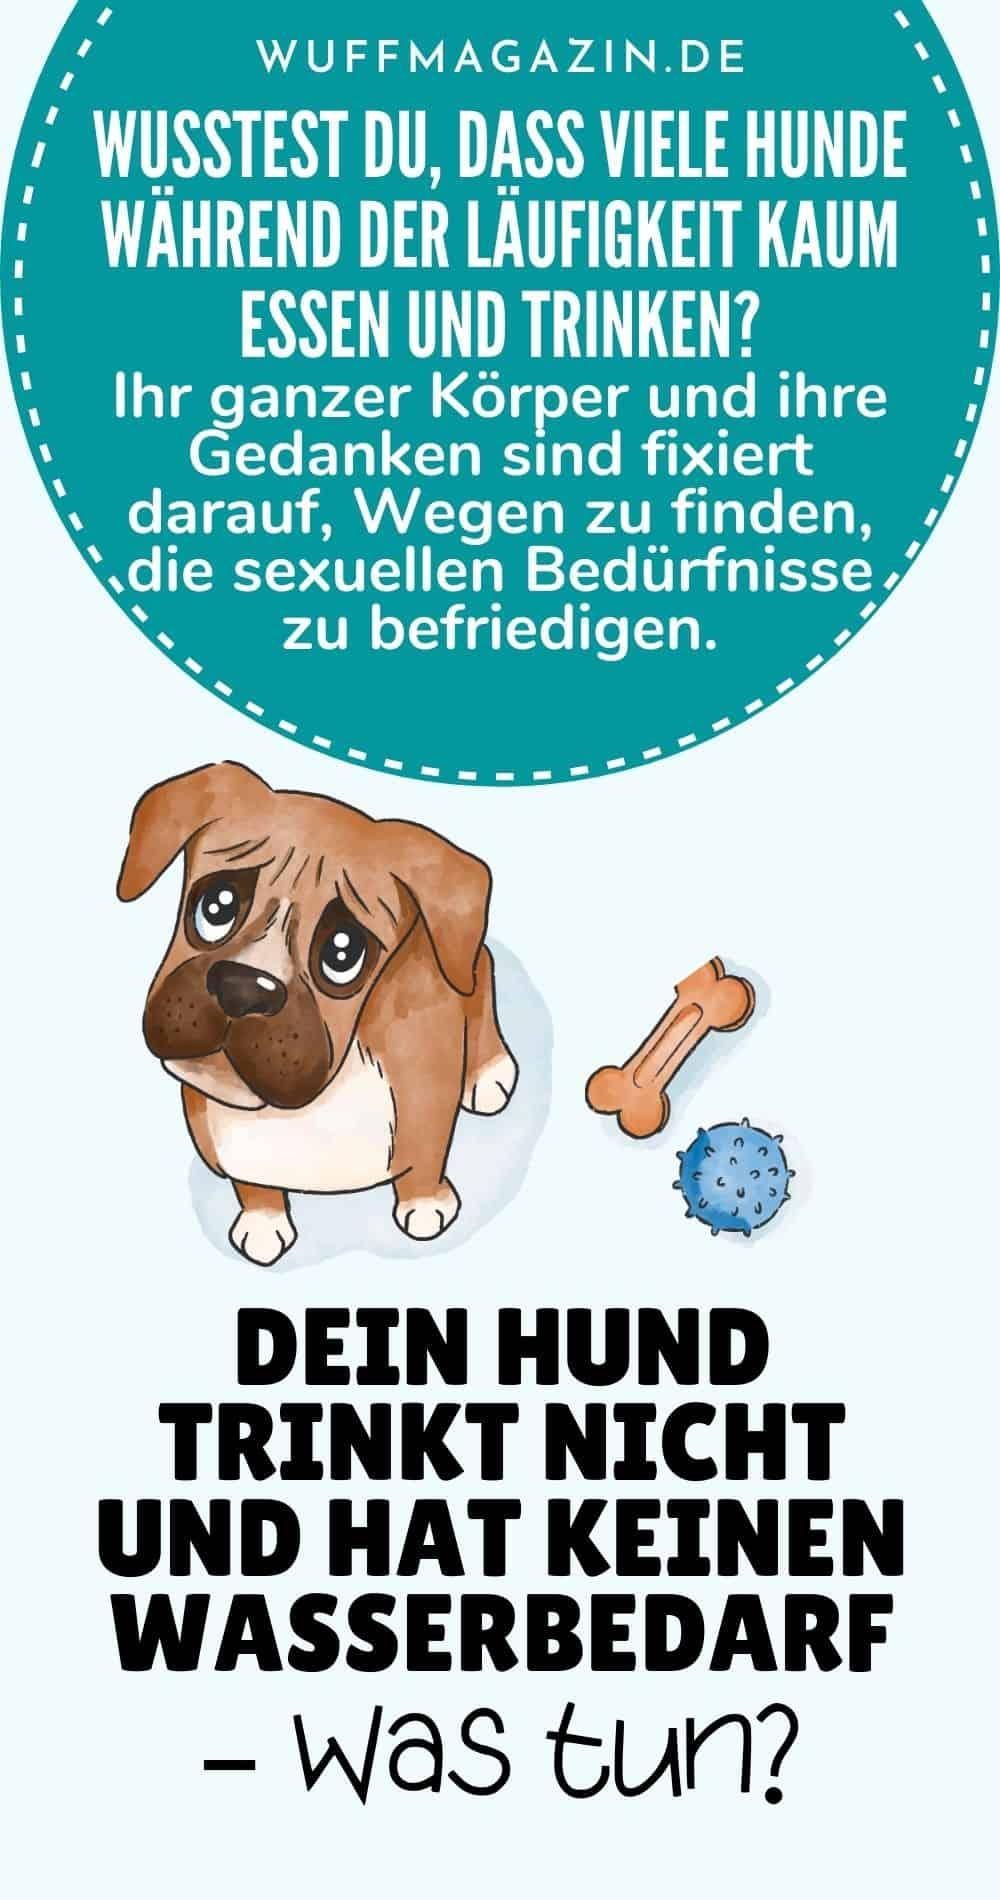 Dein Hund trinkt nicht und hat keinen Wasserbedarf - Was tun